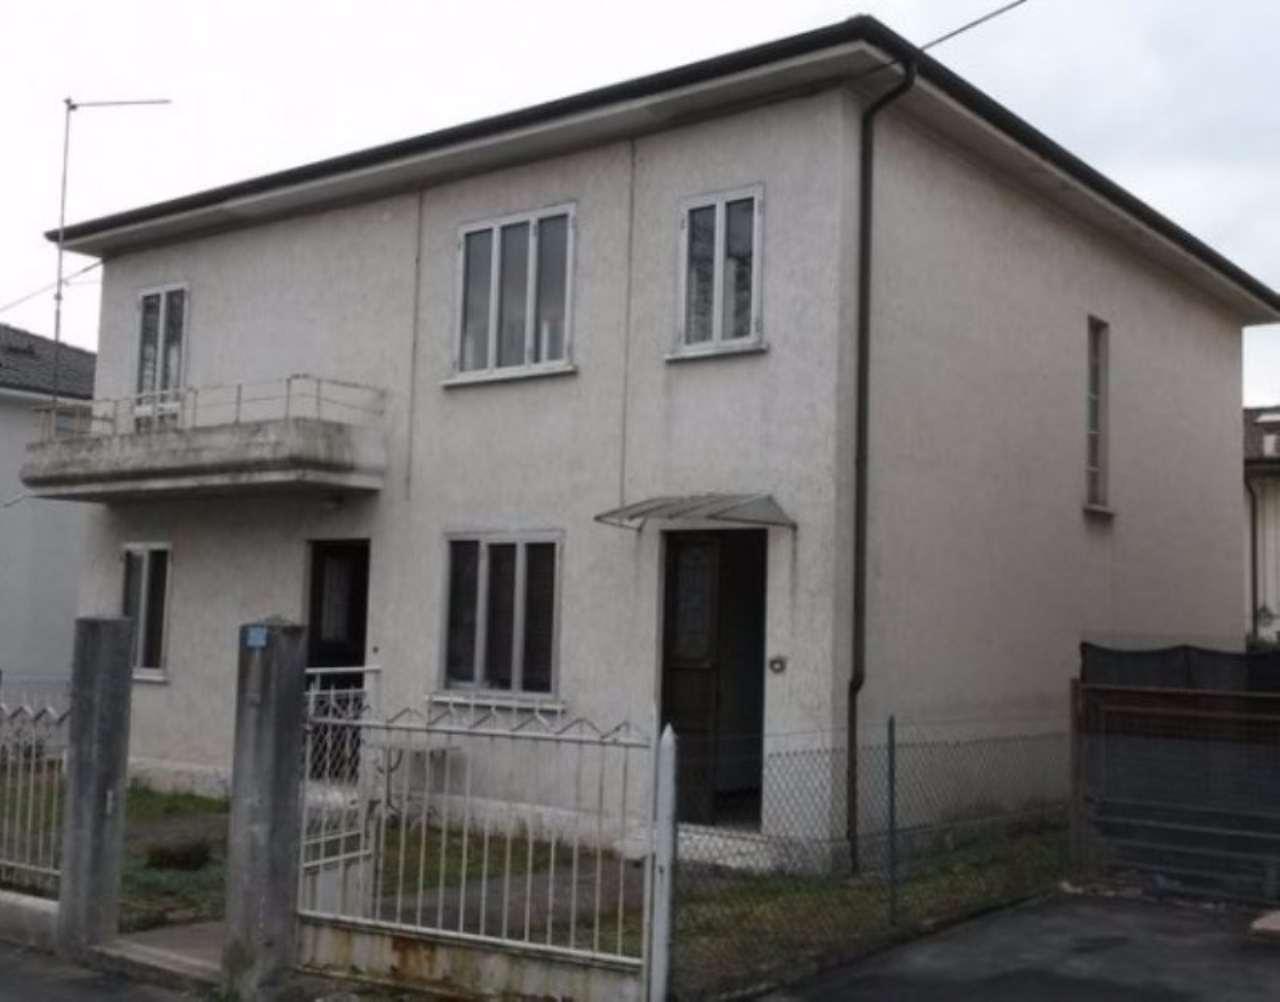 Villa in vendita a Schio, 6 locali, prezzo € 148.000 | CambioCasa.it